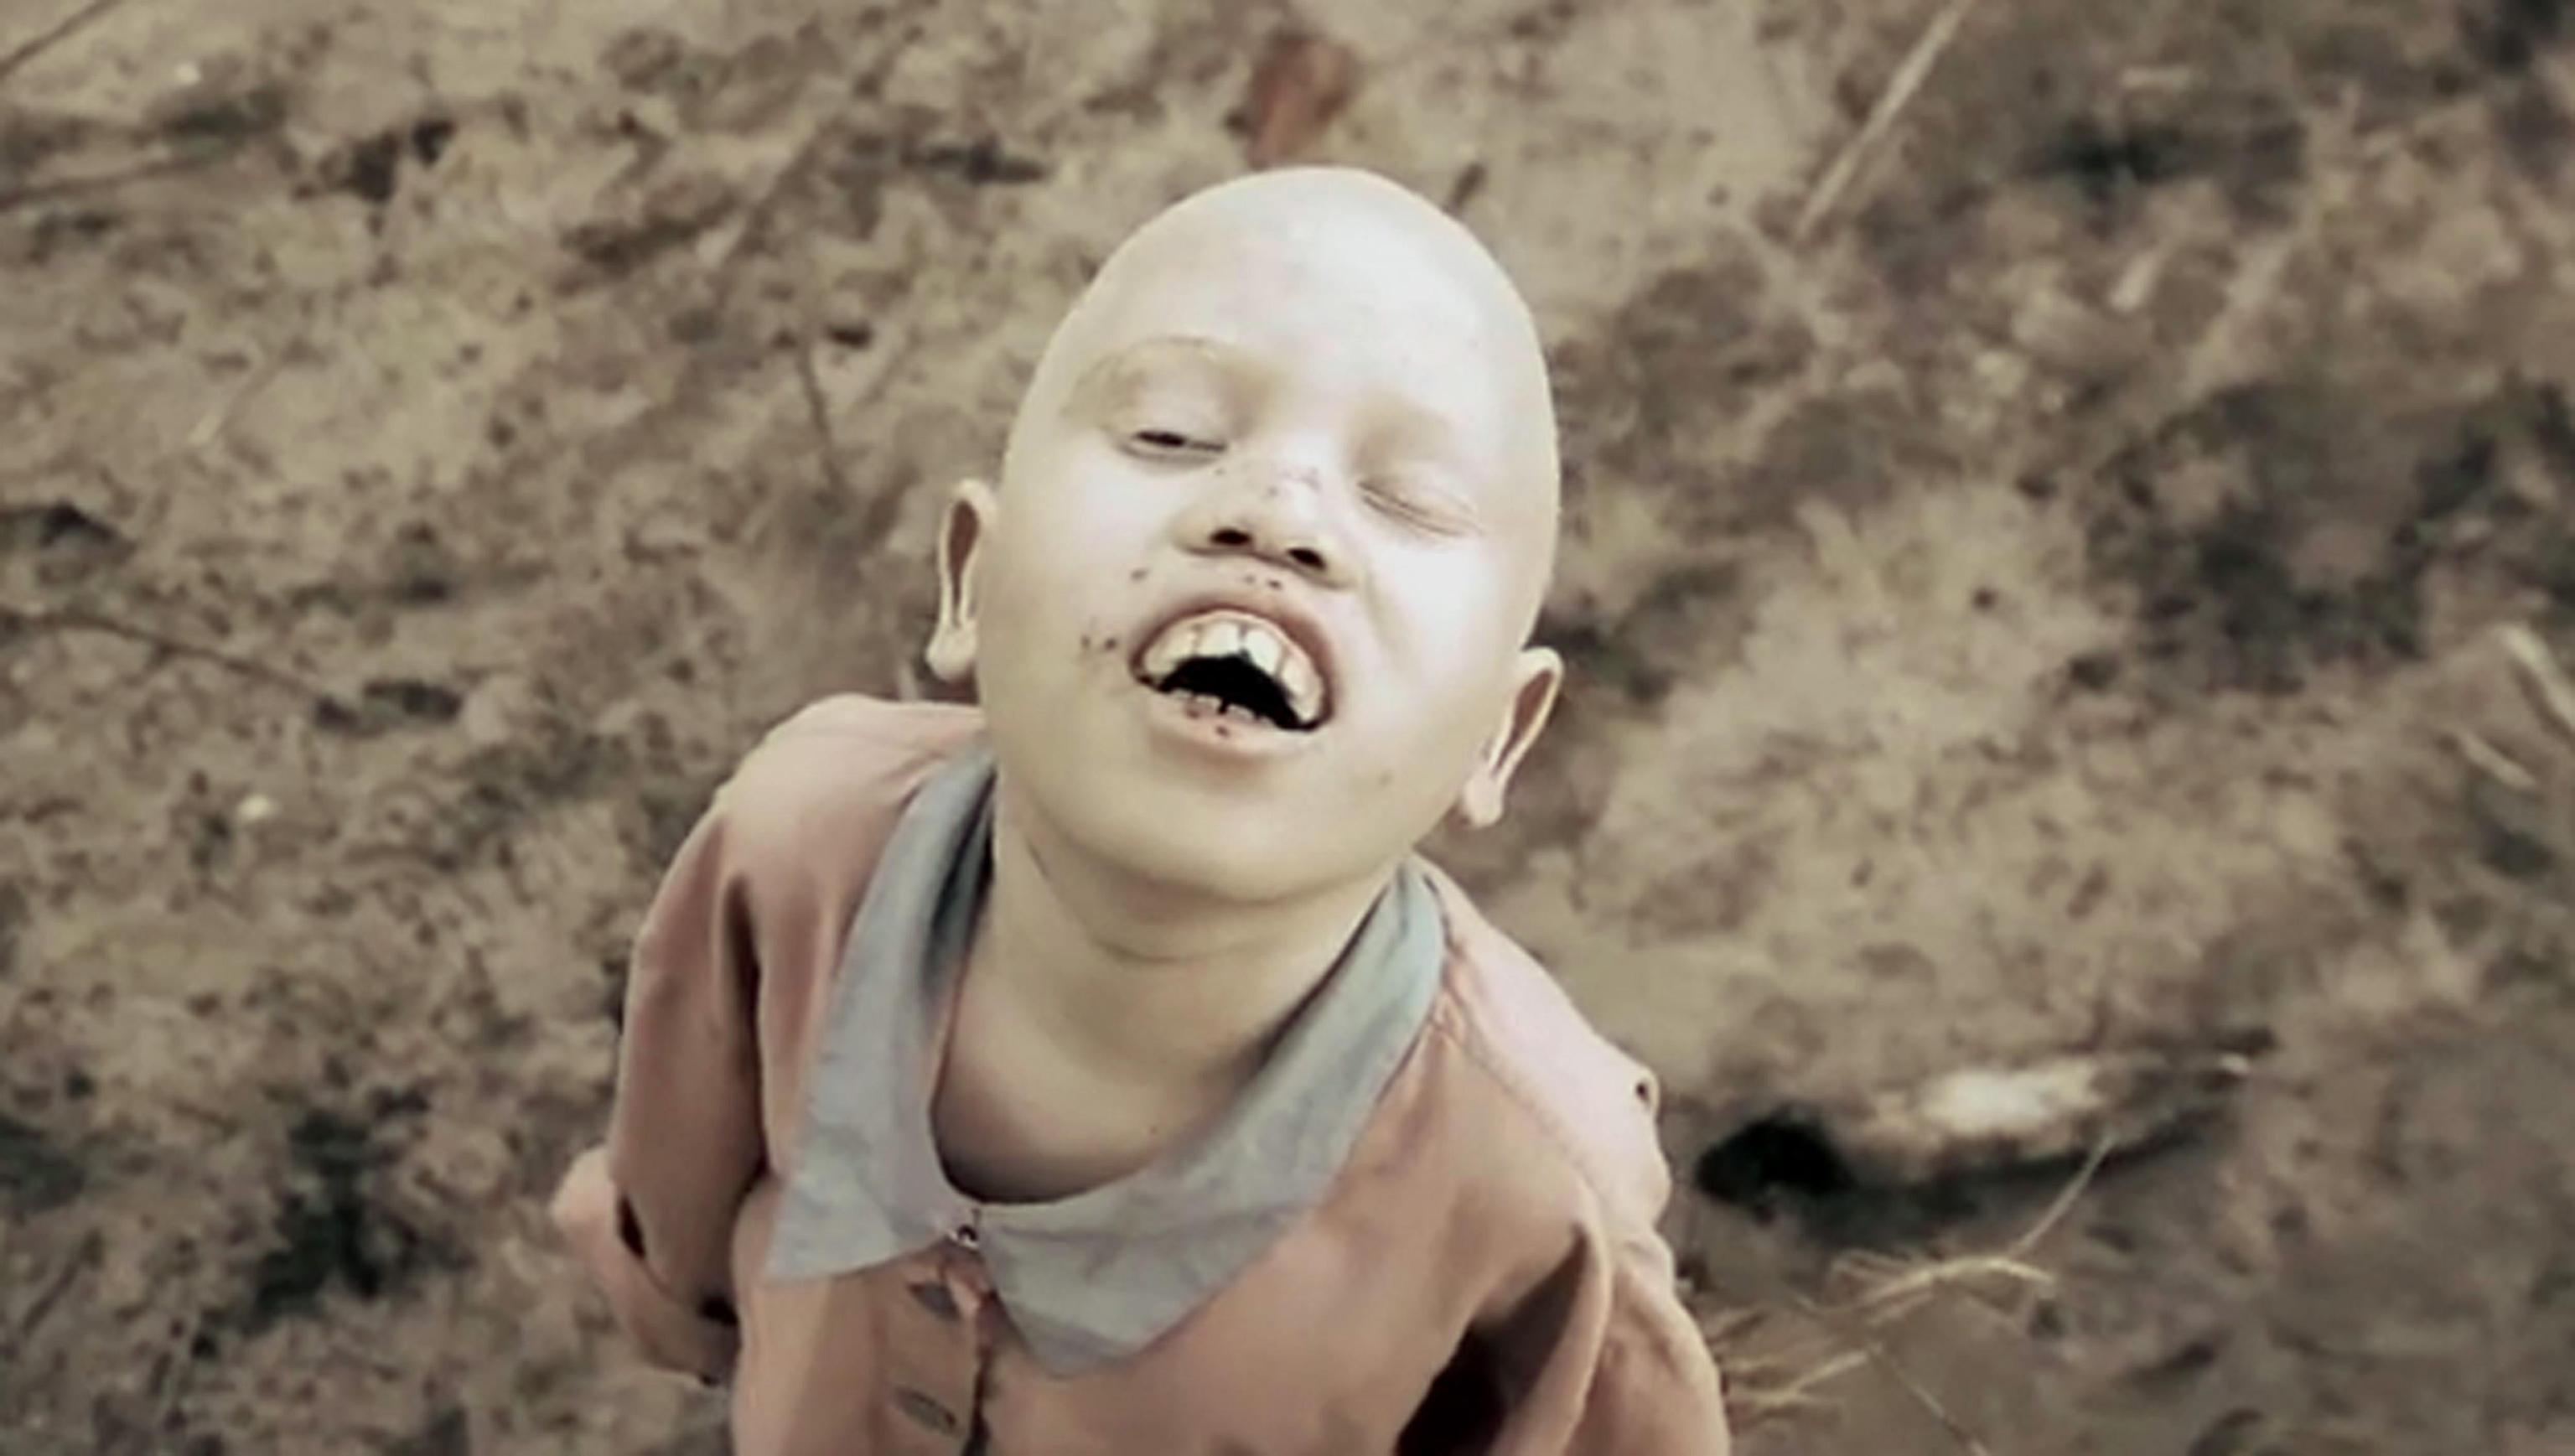 Omicidio rituale in Mali: bimba albina rapita e uccisa perché considerata 'magica'